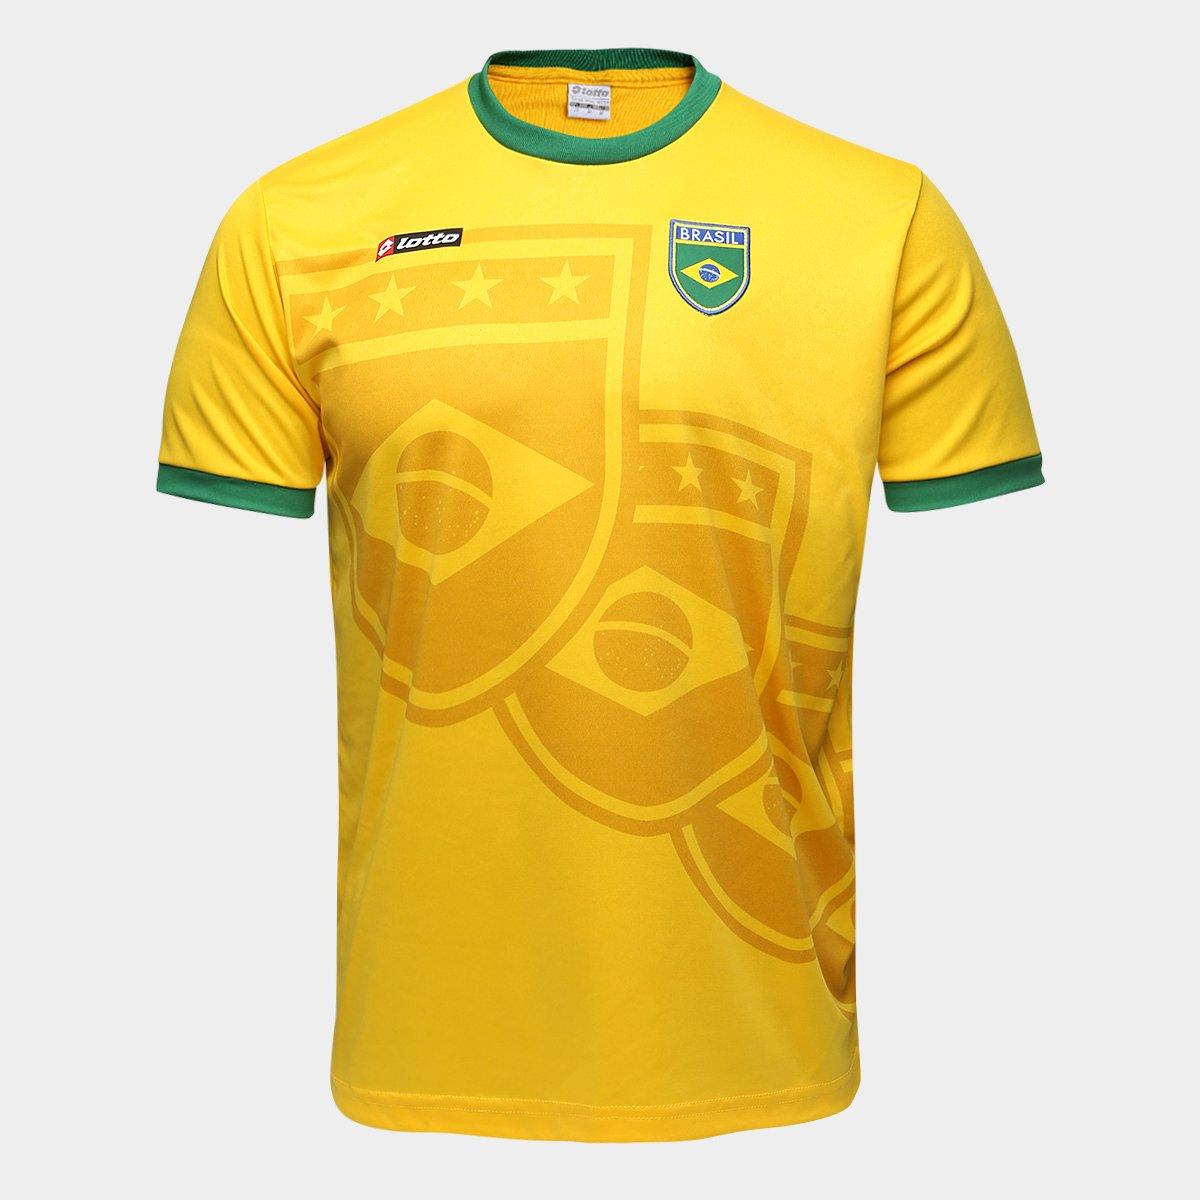 f21c9a8e2a Camisa Brasil 1994 n° 11 Lotto Masculina - Amarelo e Verde